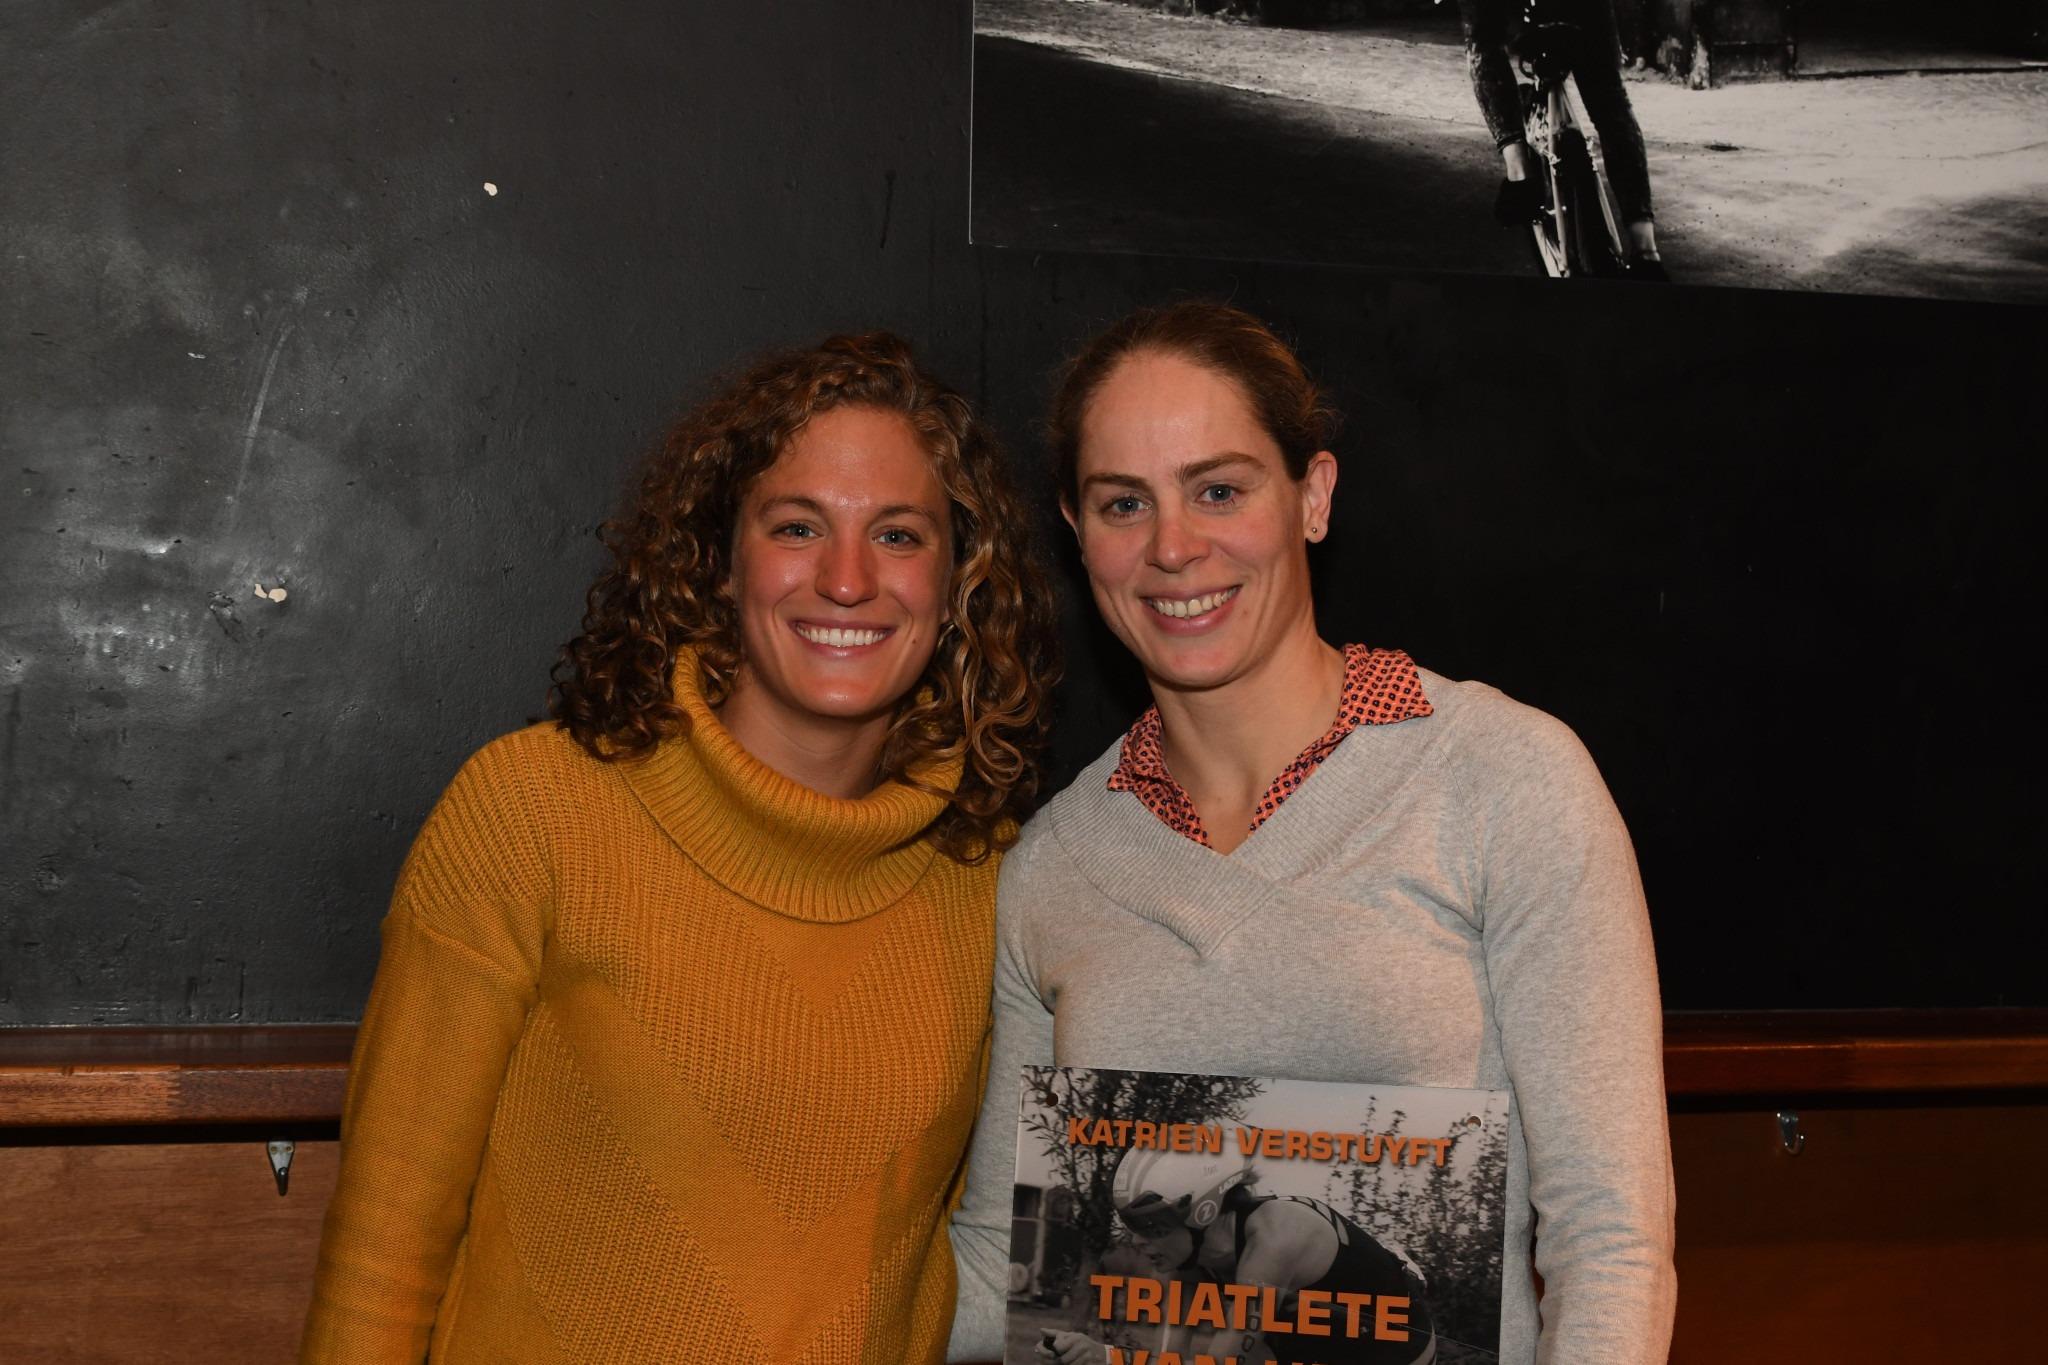 Valerie Barthelemy en Katrien Verstuyft (foto: 3athlon.be/Mario Vanacker)